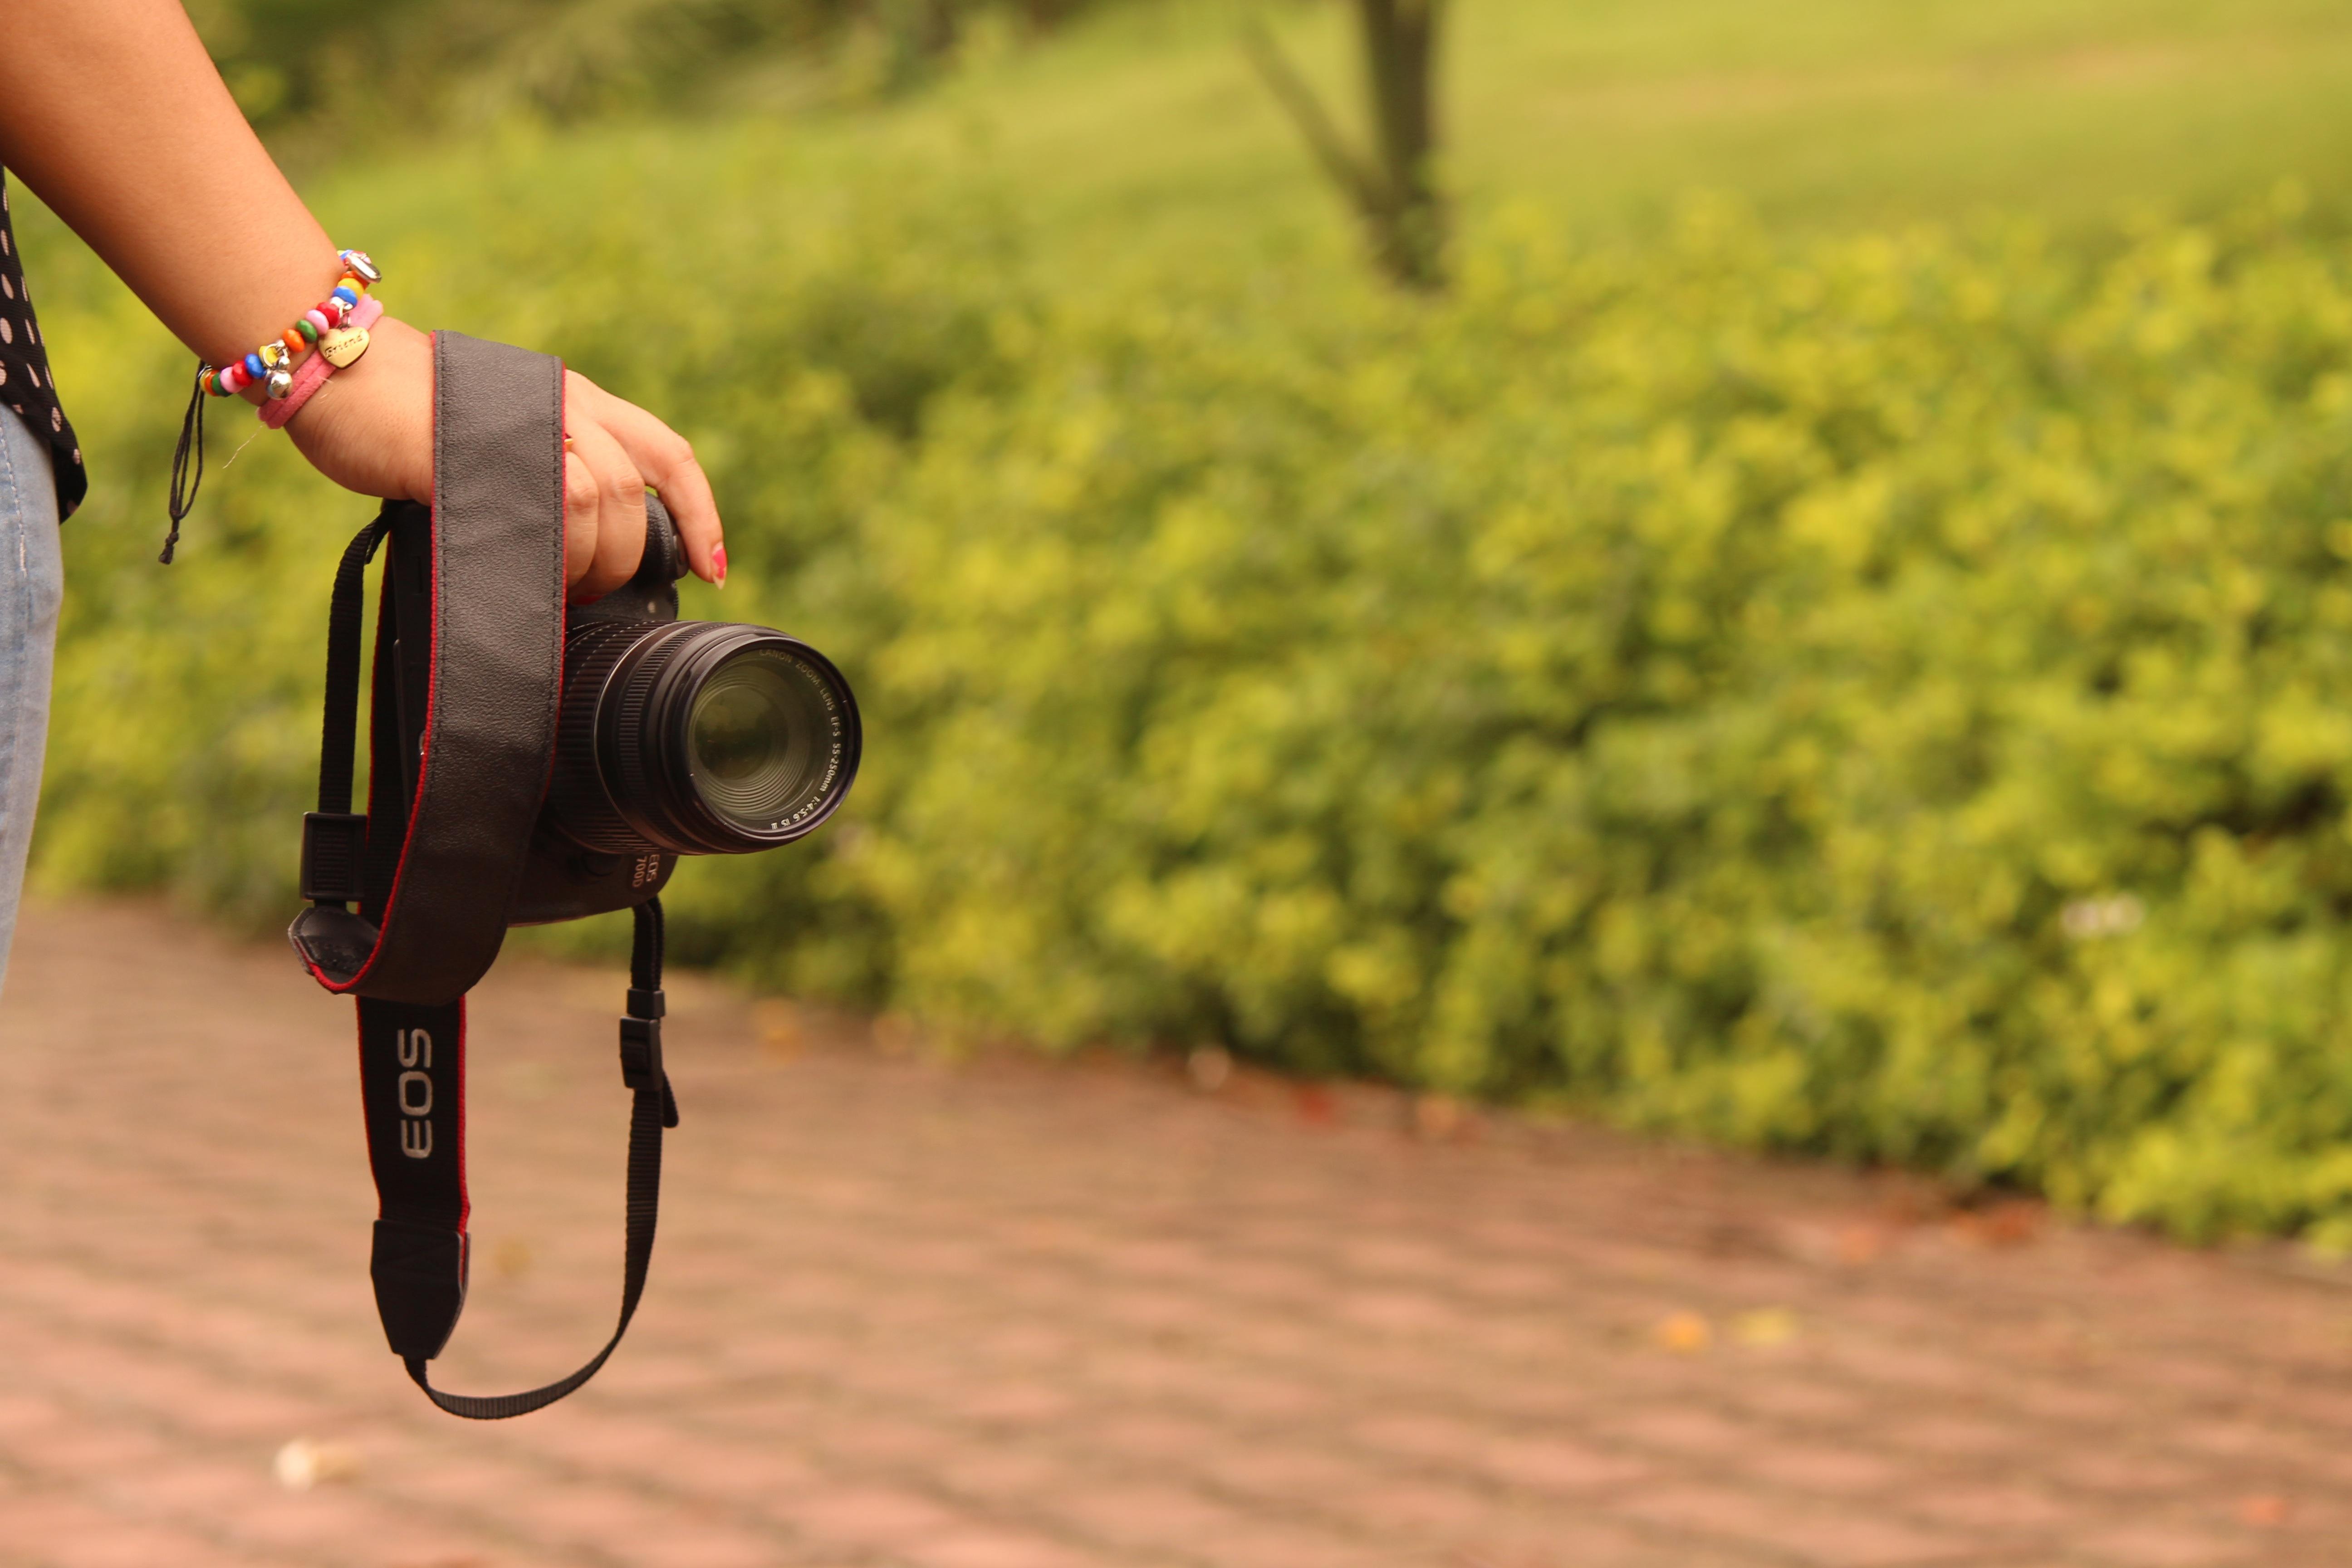 фотоаппарат рекомендации фотографов себе заметку попробуйте